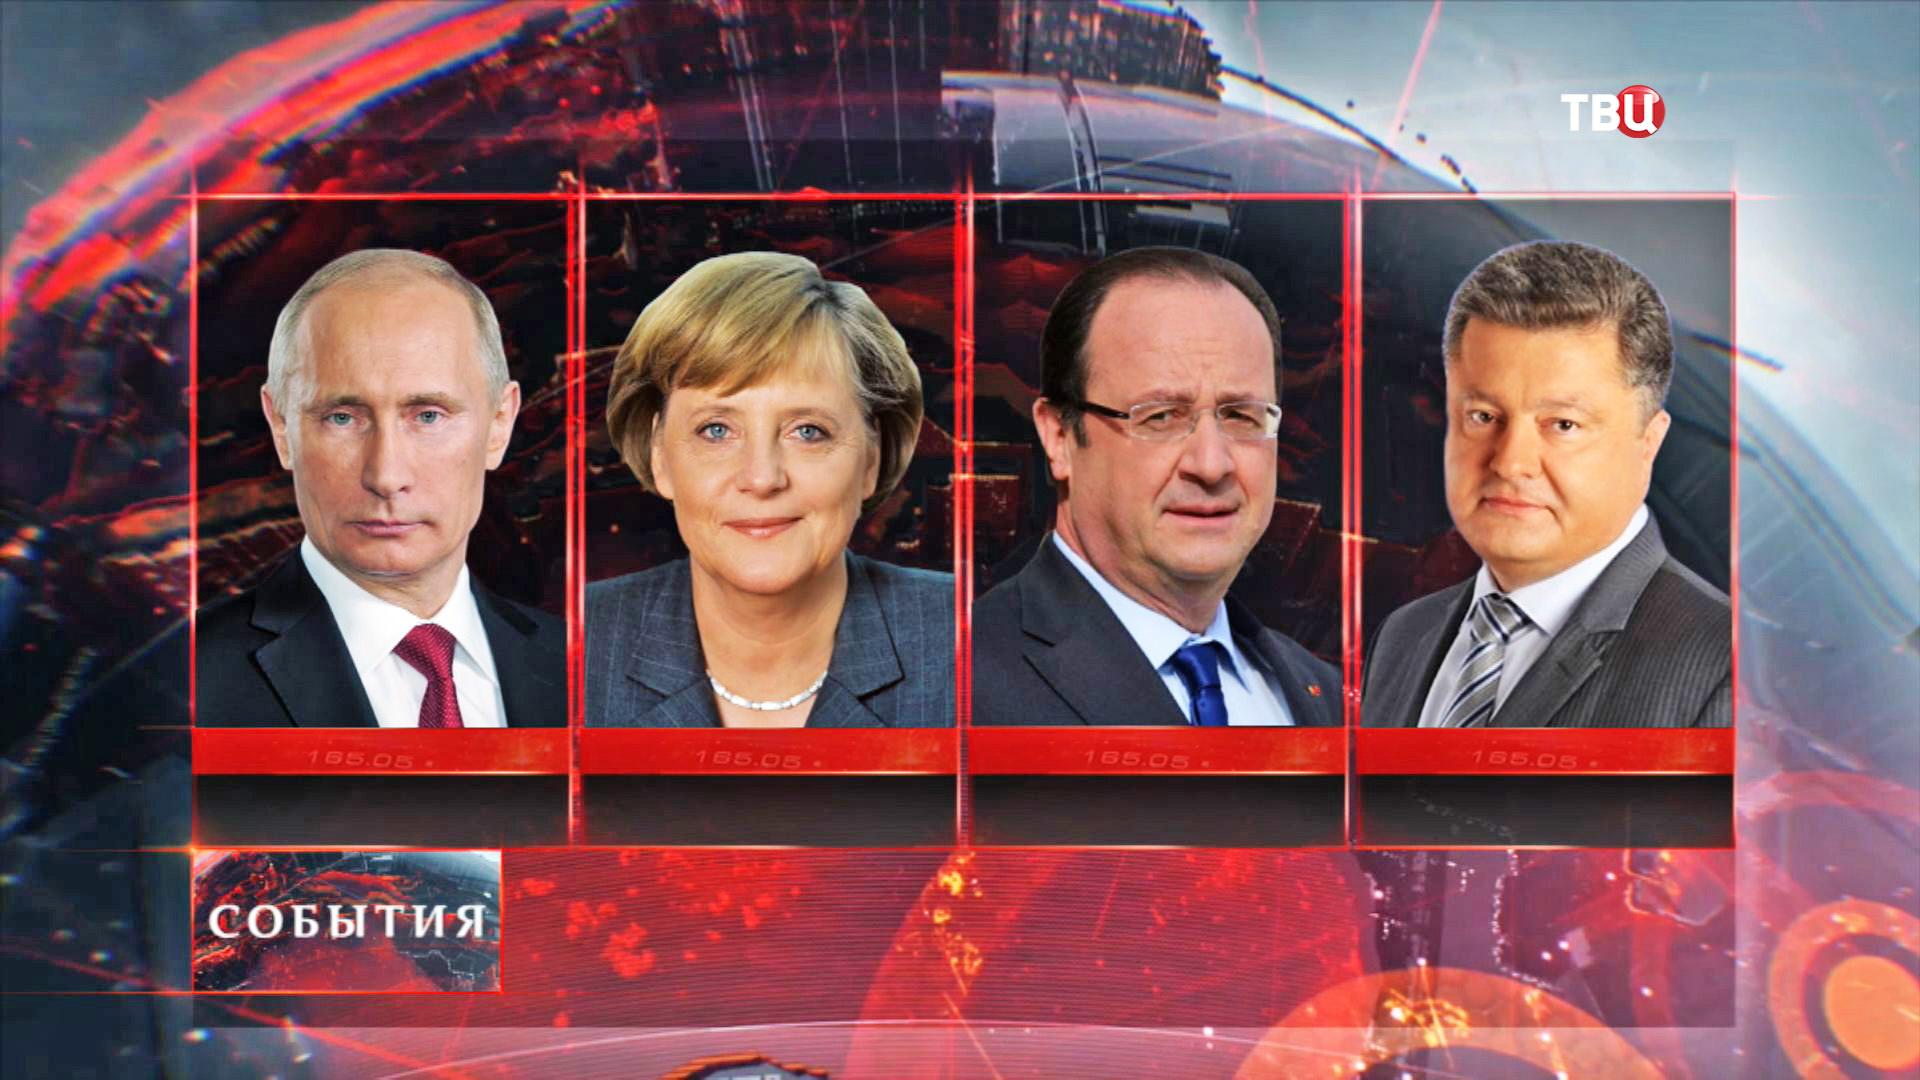 Владимир Путин, Ангела Меркель, Франсуа Олланд, Петр Порошенко